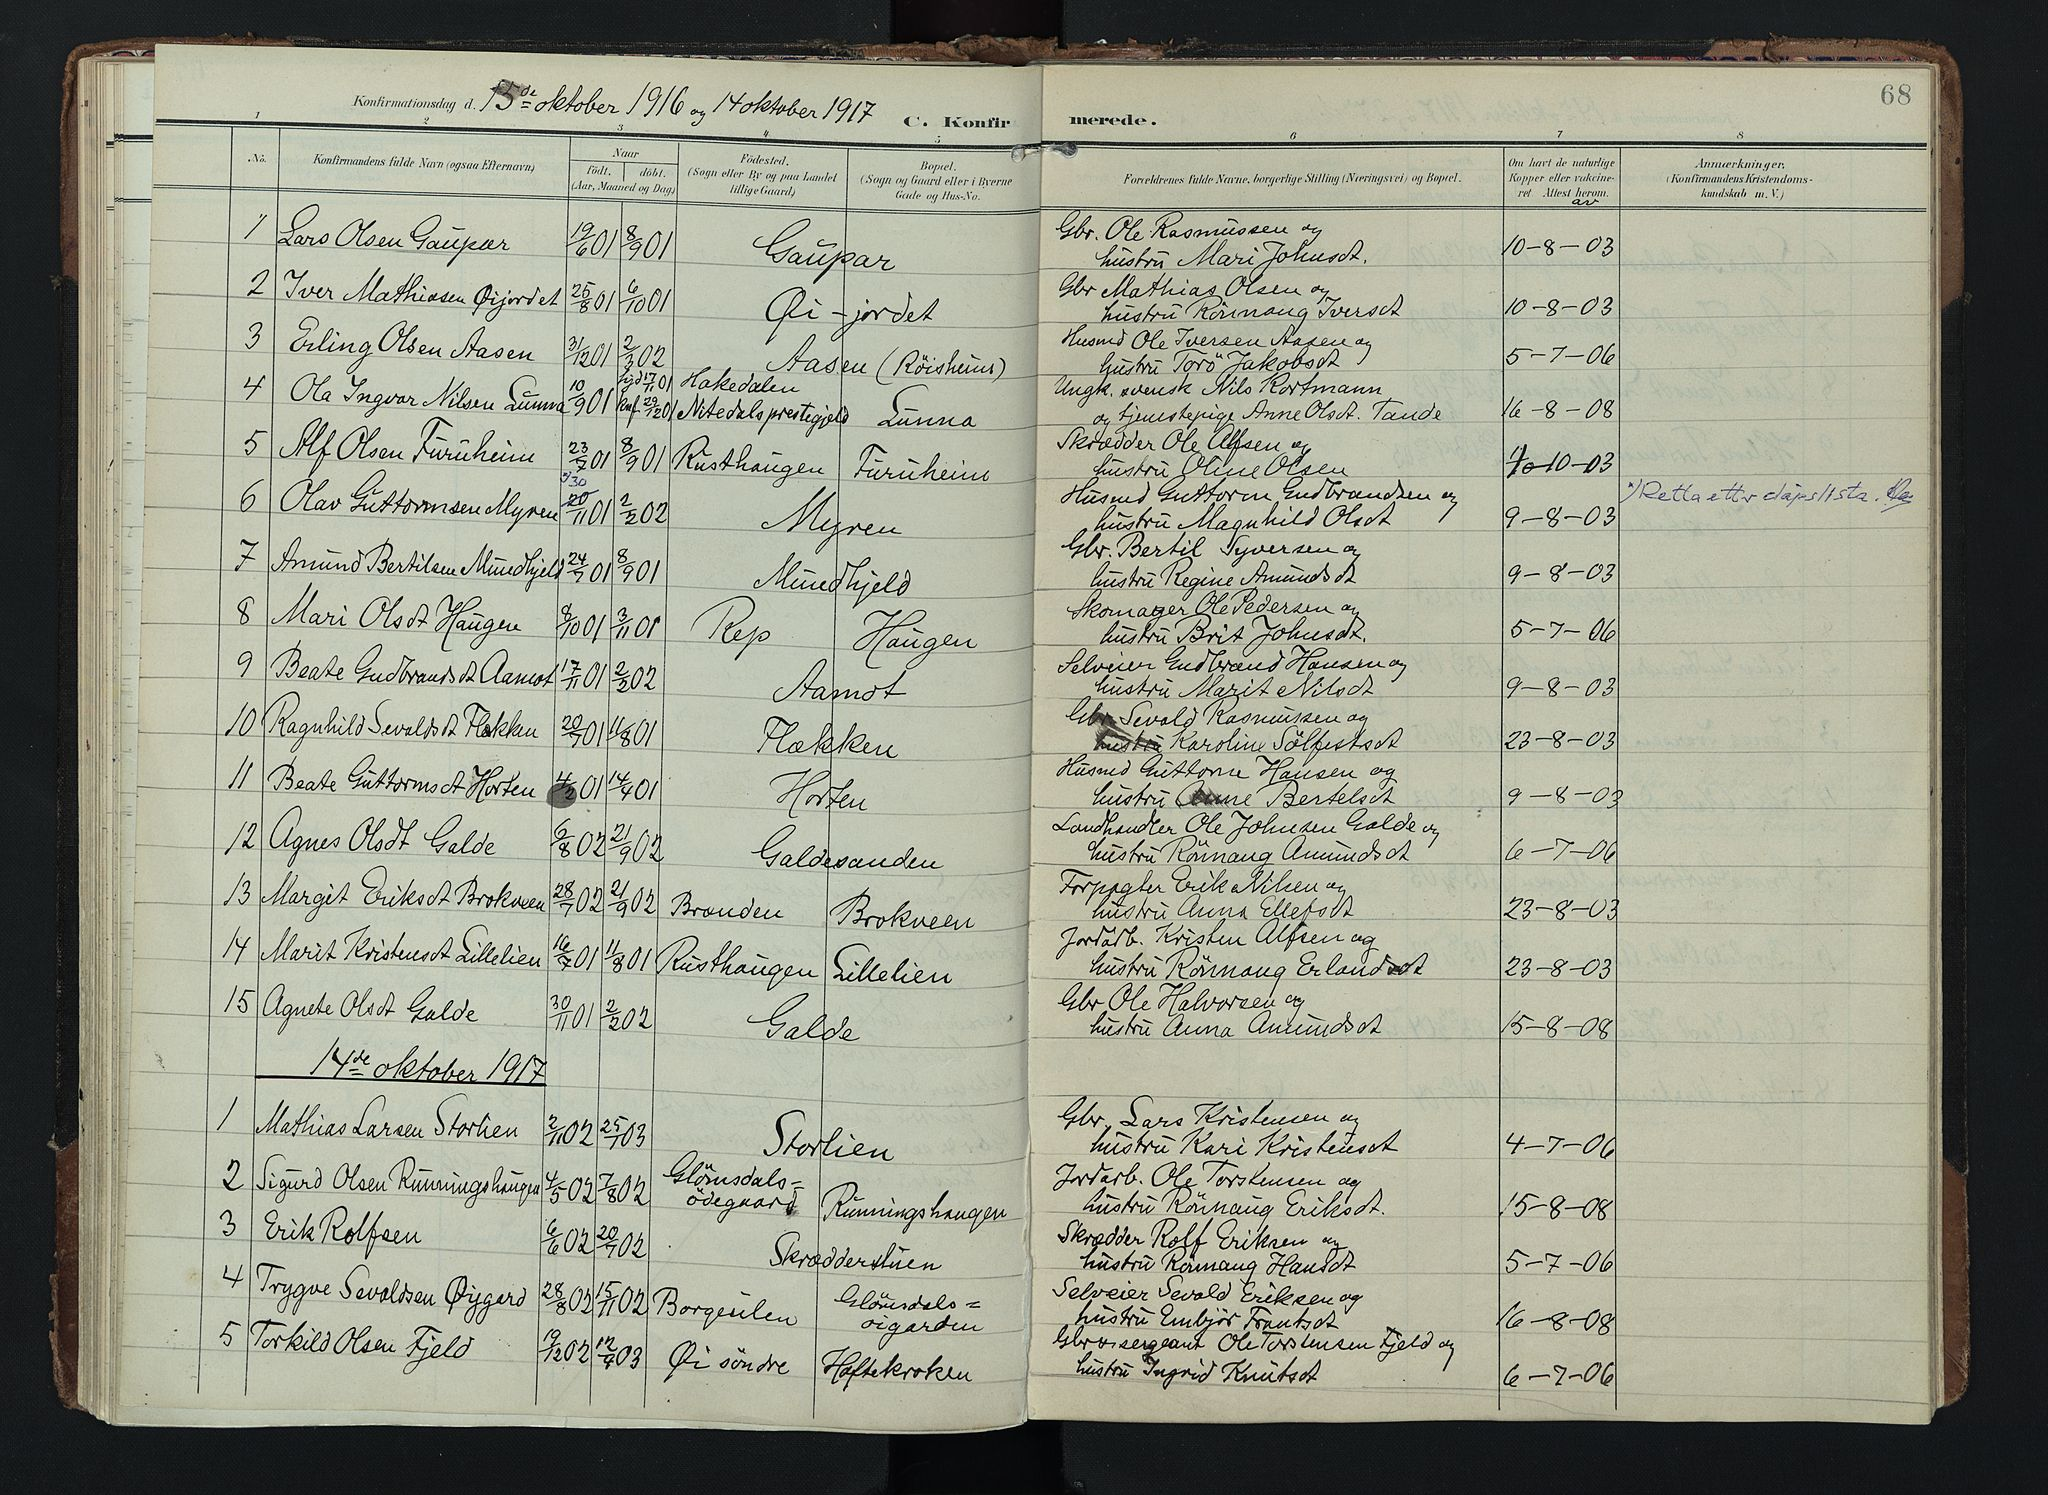 SAH, Lom prestekontor, K/L0012: Ministerialbok nr. 12, 1904-1928, s. 68